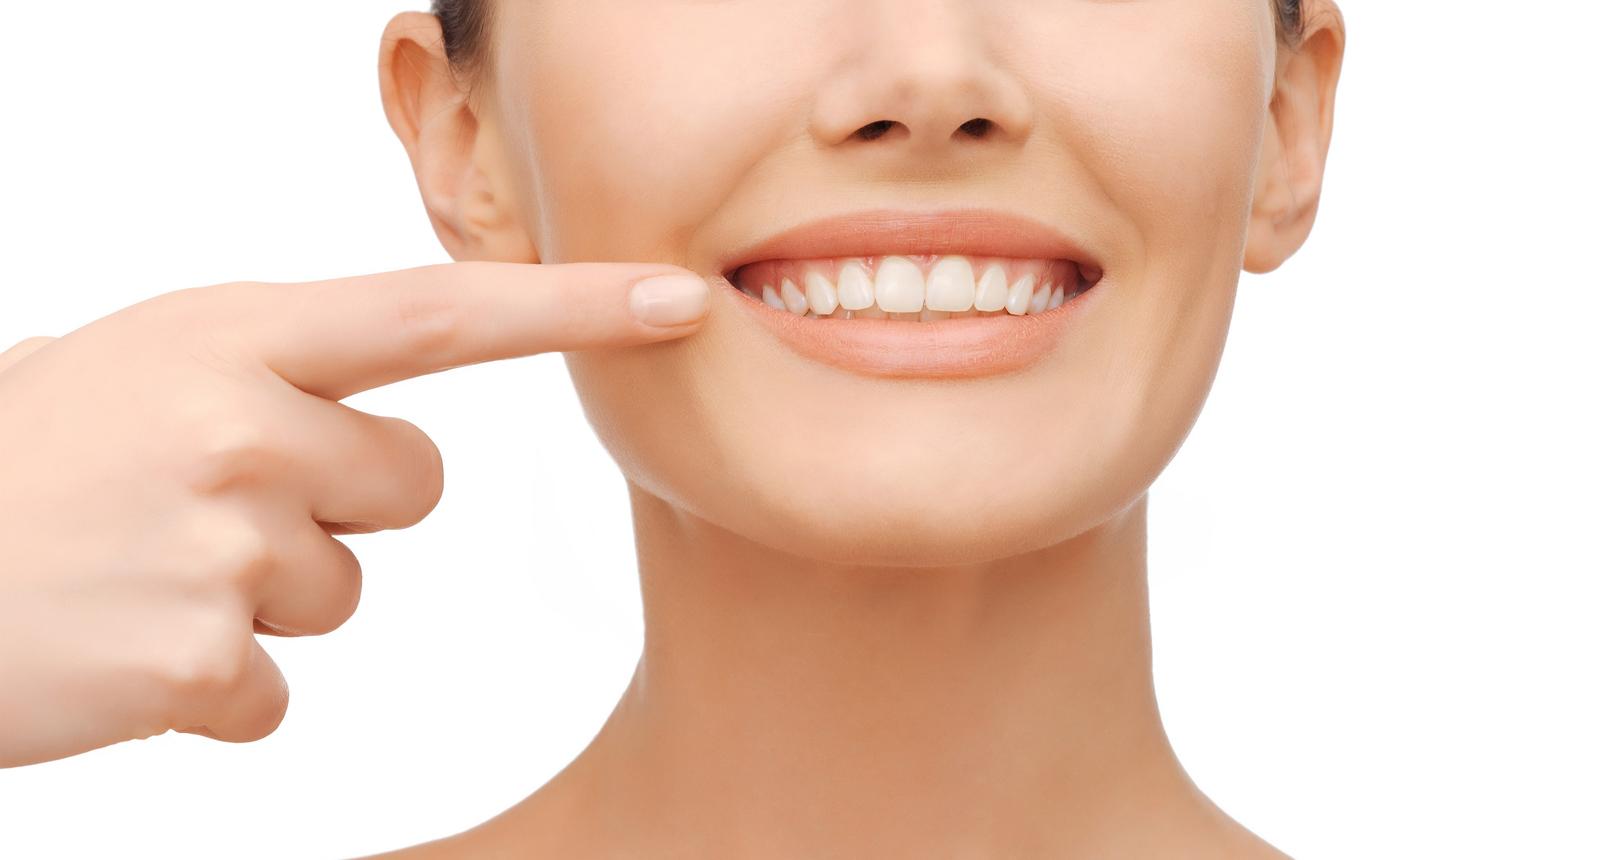 www.dentistry.co.uk